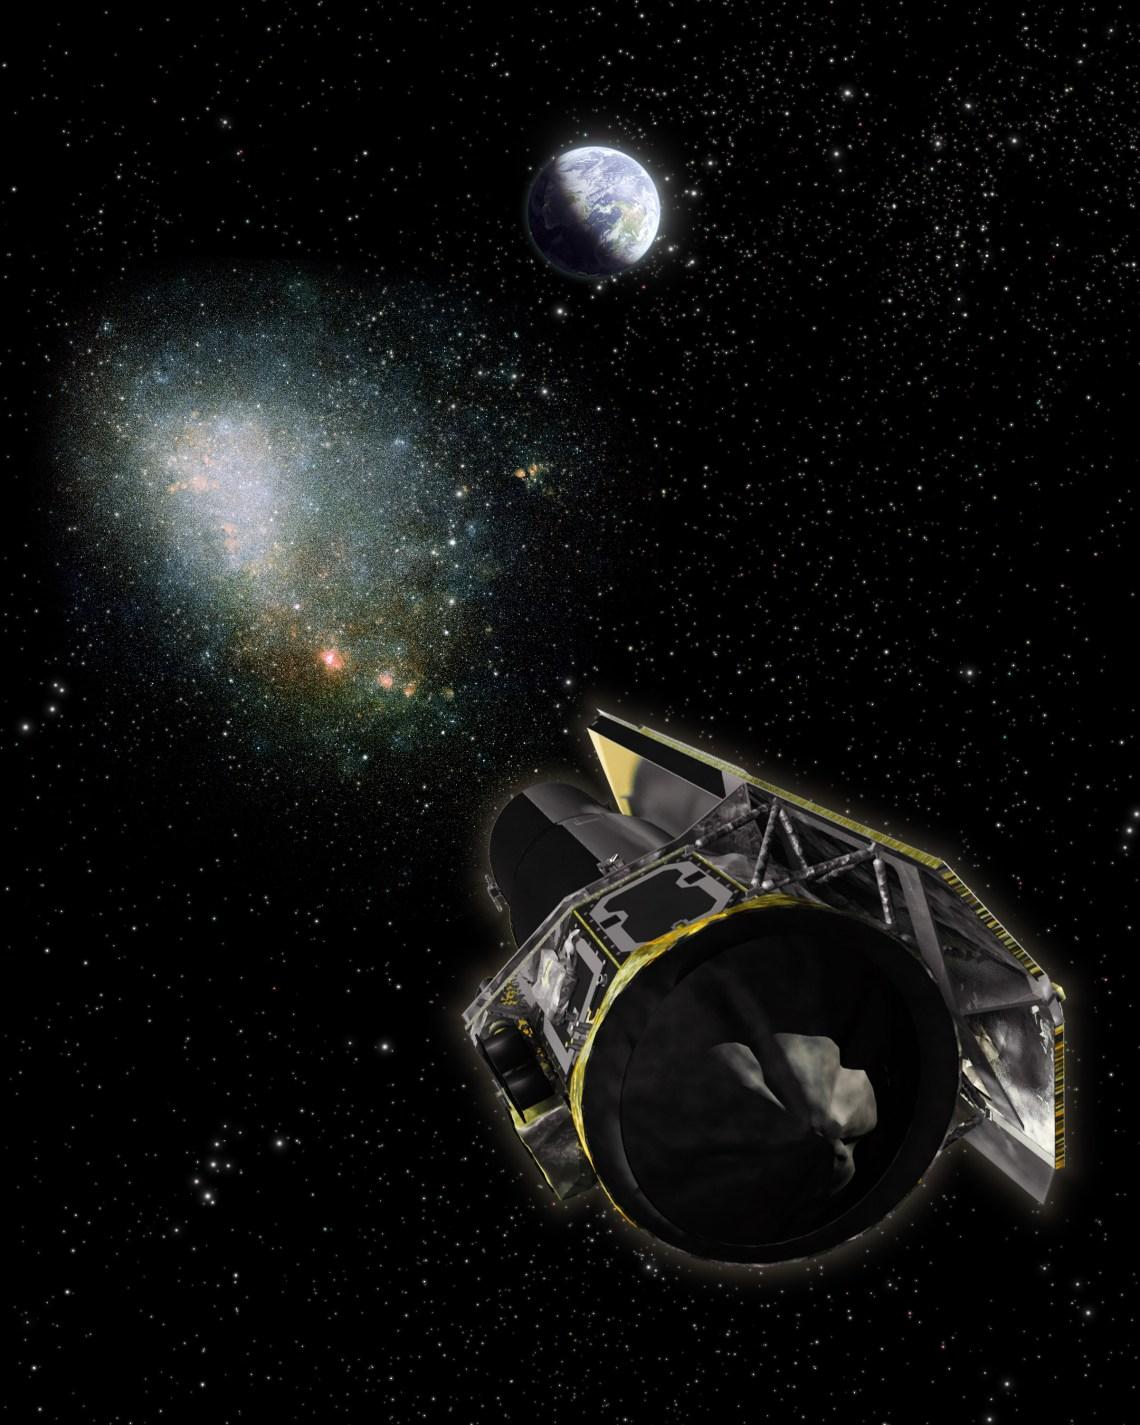 Credit: NASA/JPL-Caltech/R. Hurt (SSC)